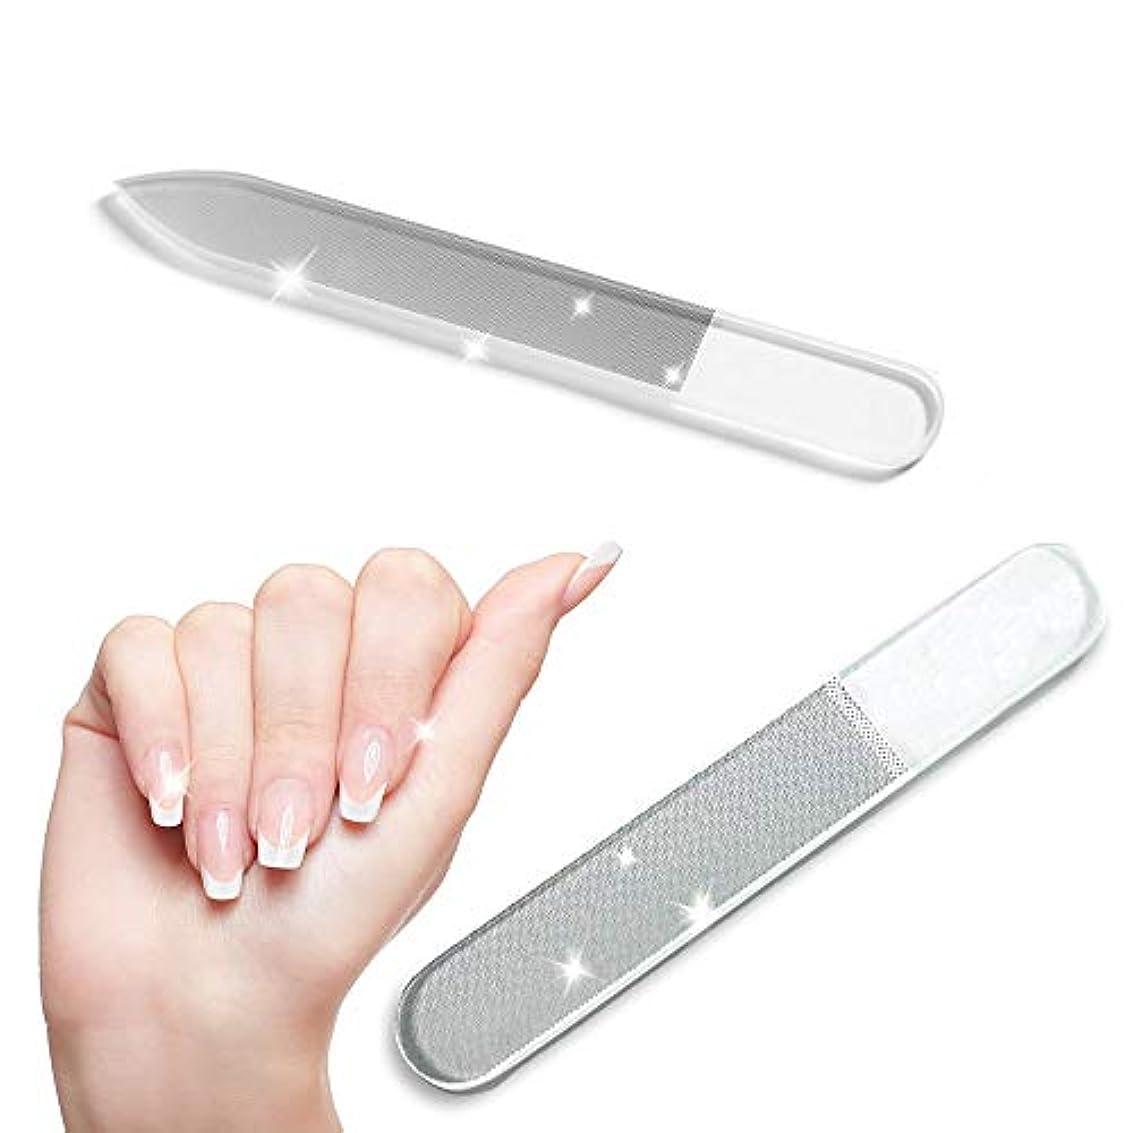 ウォルターカニンガム計器感嘆符【お得な2点セット】爪やすり ガラス 爪磨き ツヤ出し ケース付属 ネイルシャイナー